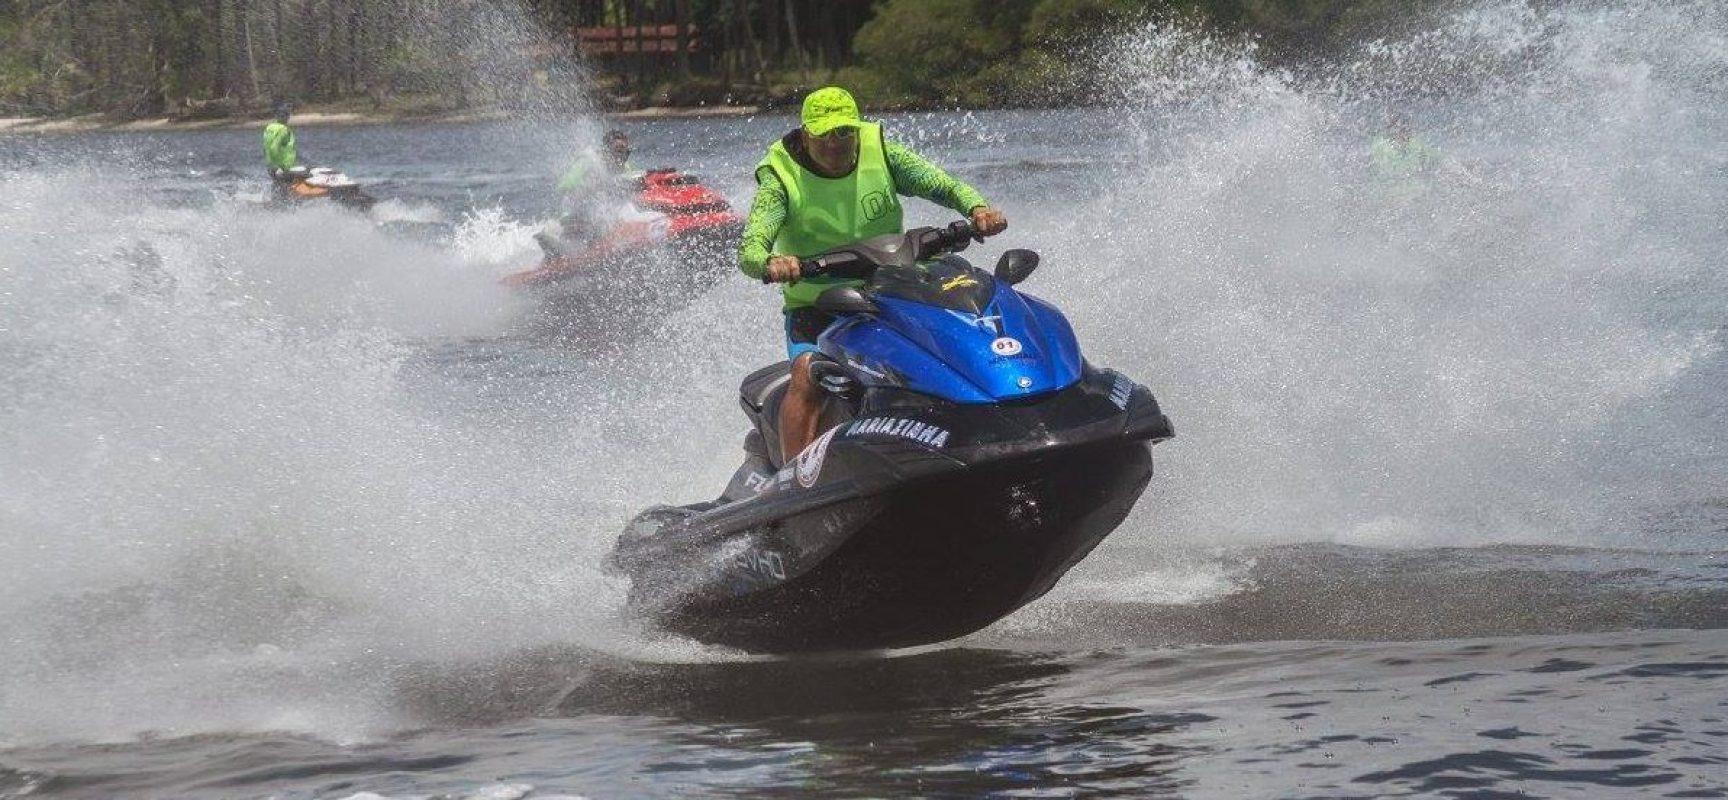 Adrenalina e emoção agitam Ilhéus neste domingo com o Rally dos Mares